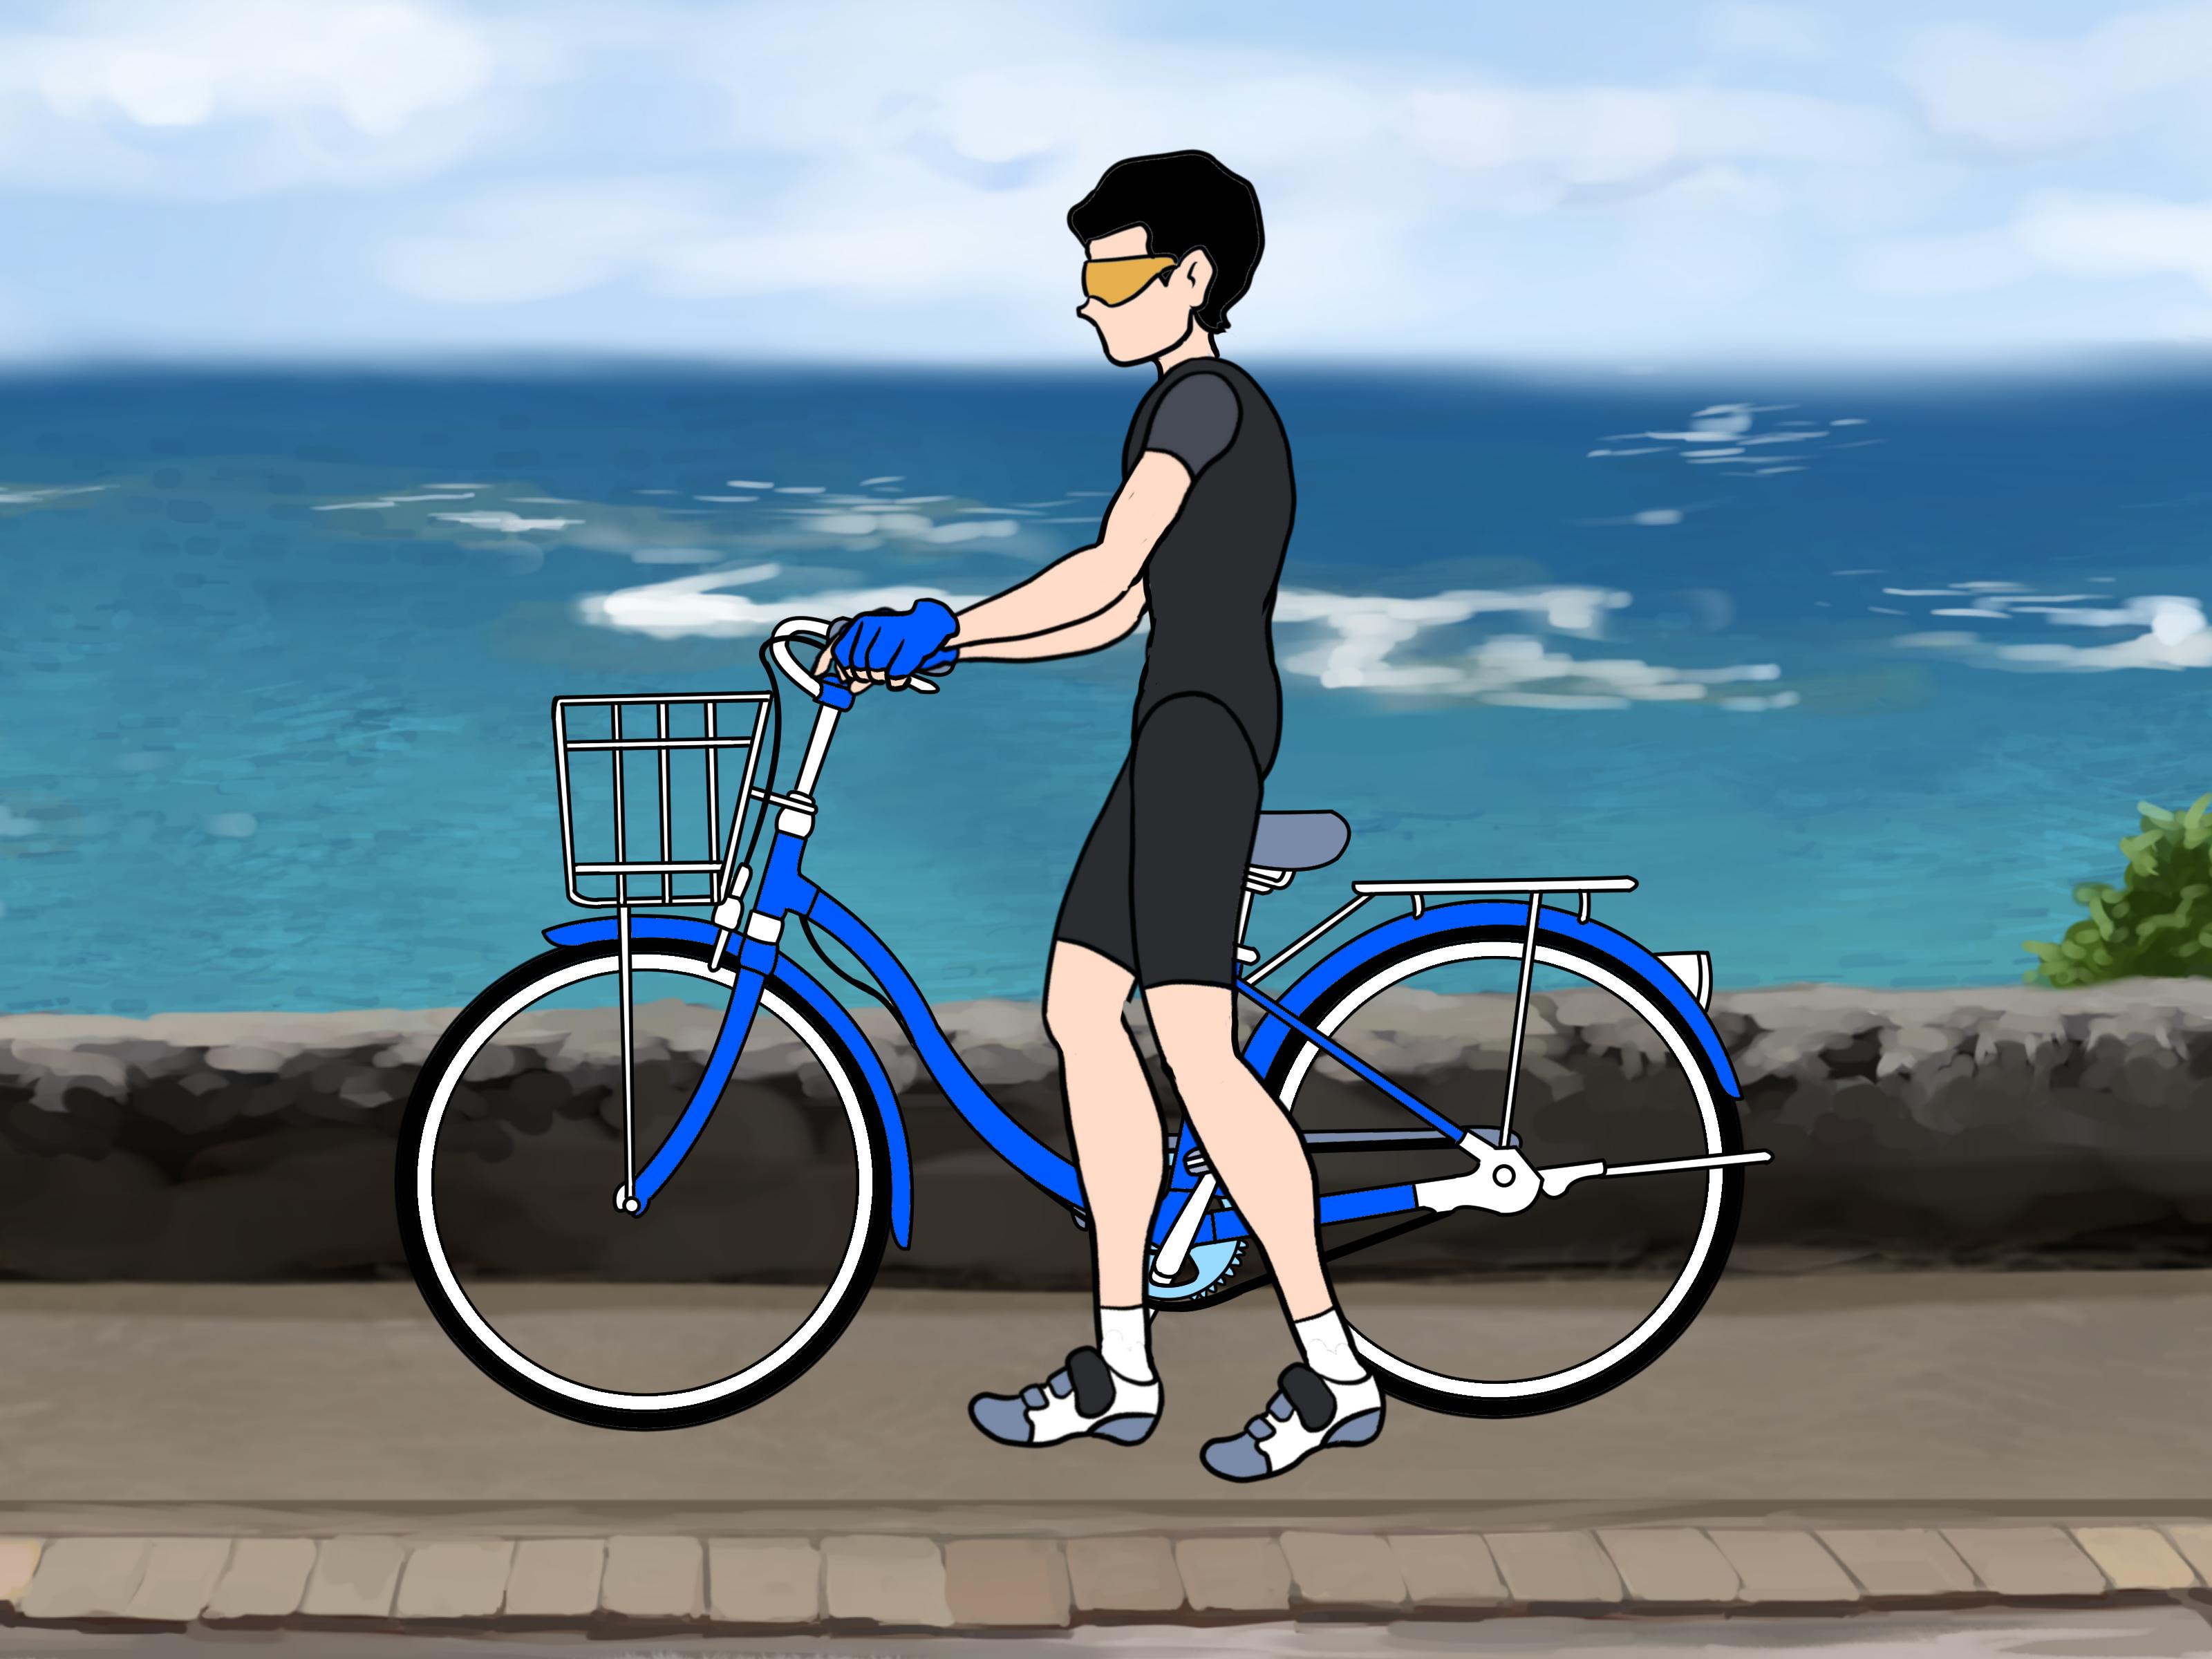 На работу на велосипеде. личный опыт. что понравилось, а что нет